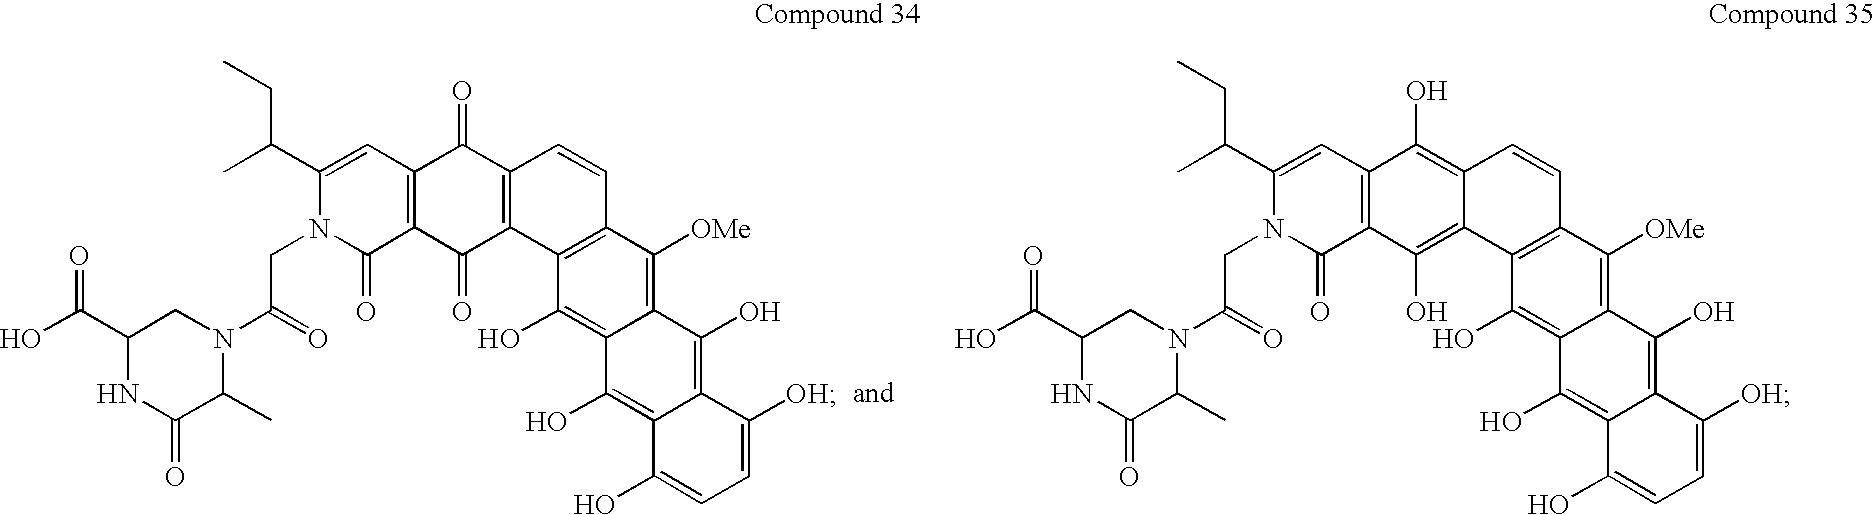 Figure US20060106028A1-20060518-C00030